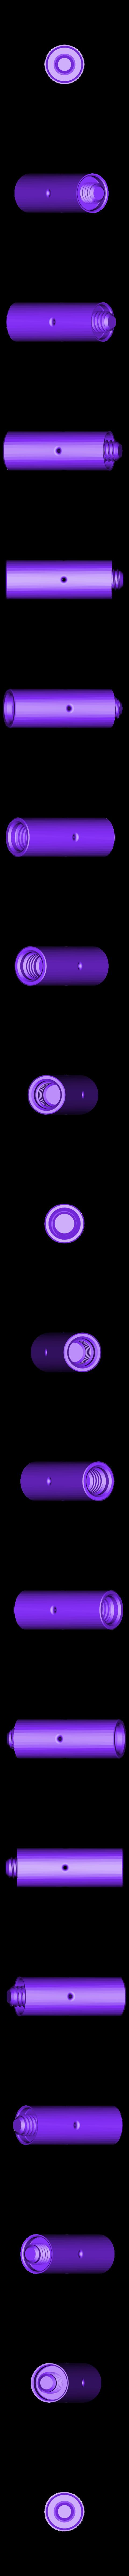 75mmSmallRod.STL Télécharger fichier STL gratuit Le porte-bobine universel - Page principale • Design pour imprimante 3D, Balkhagal4D